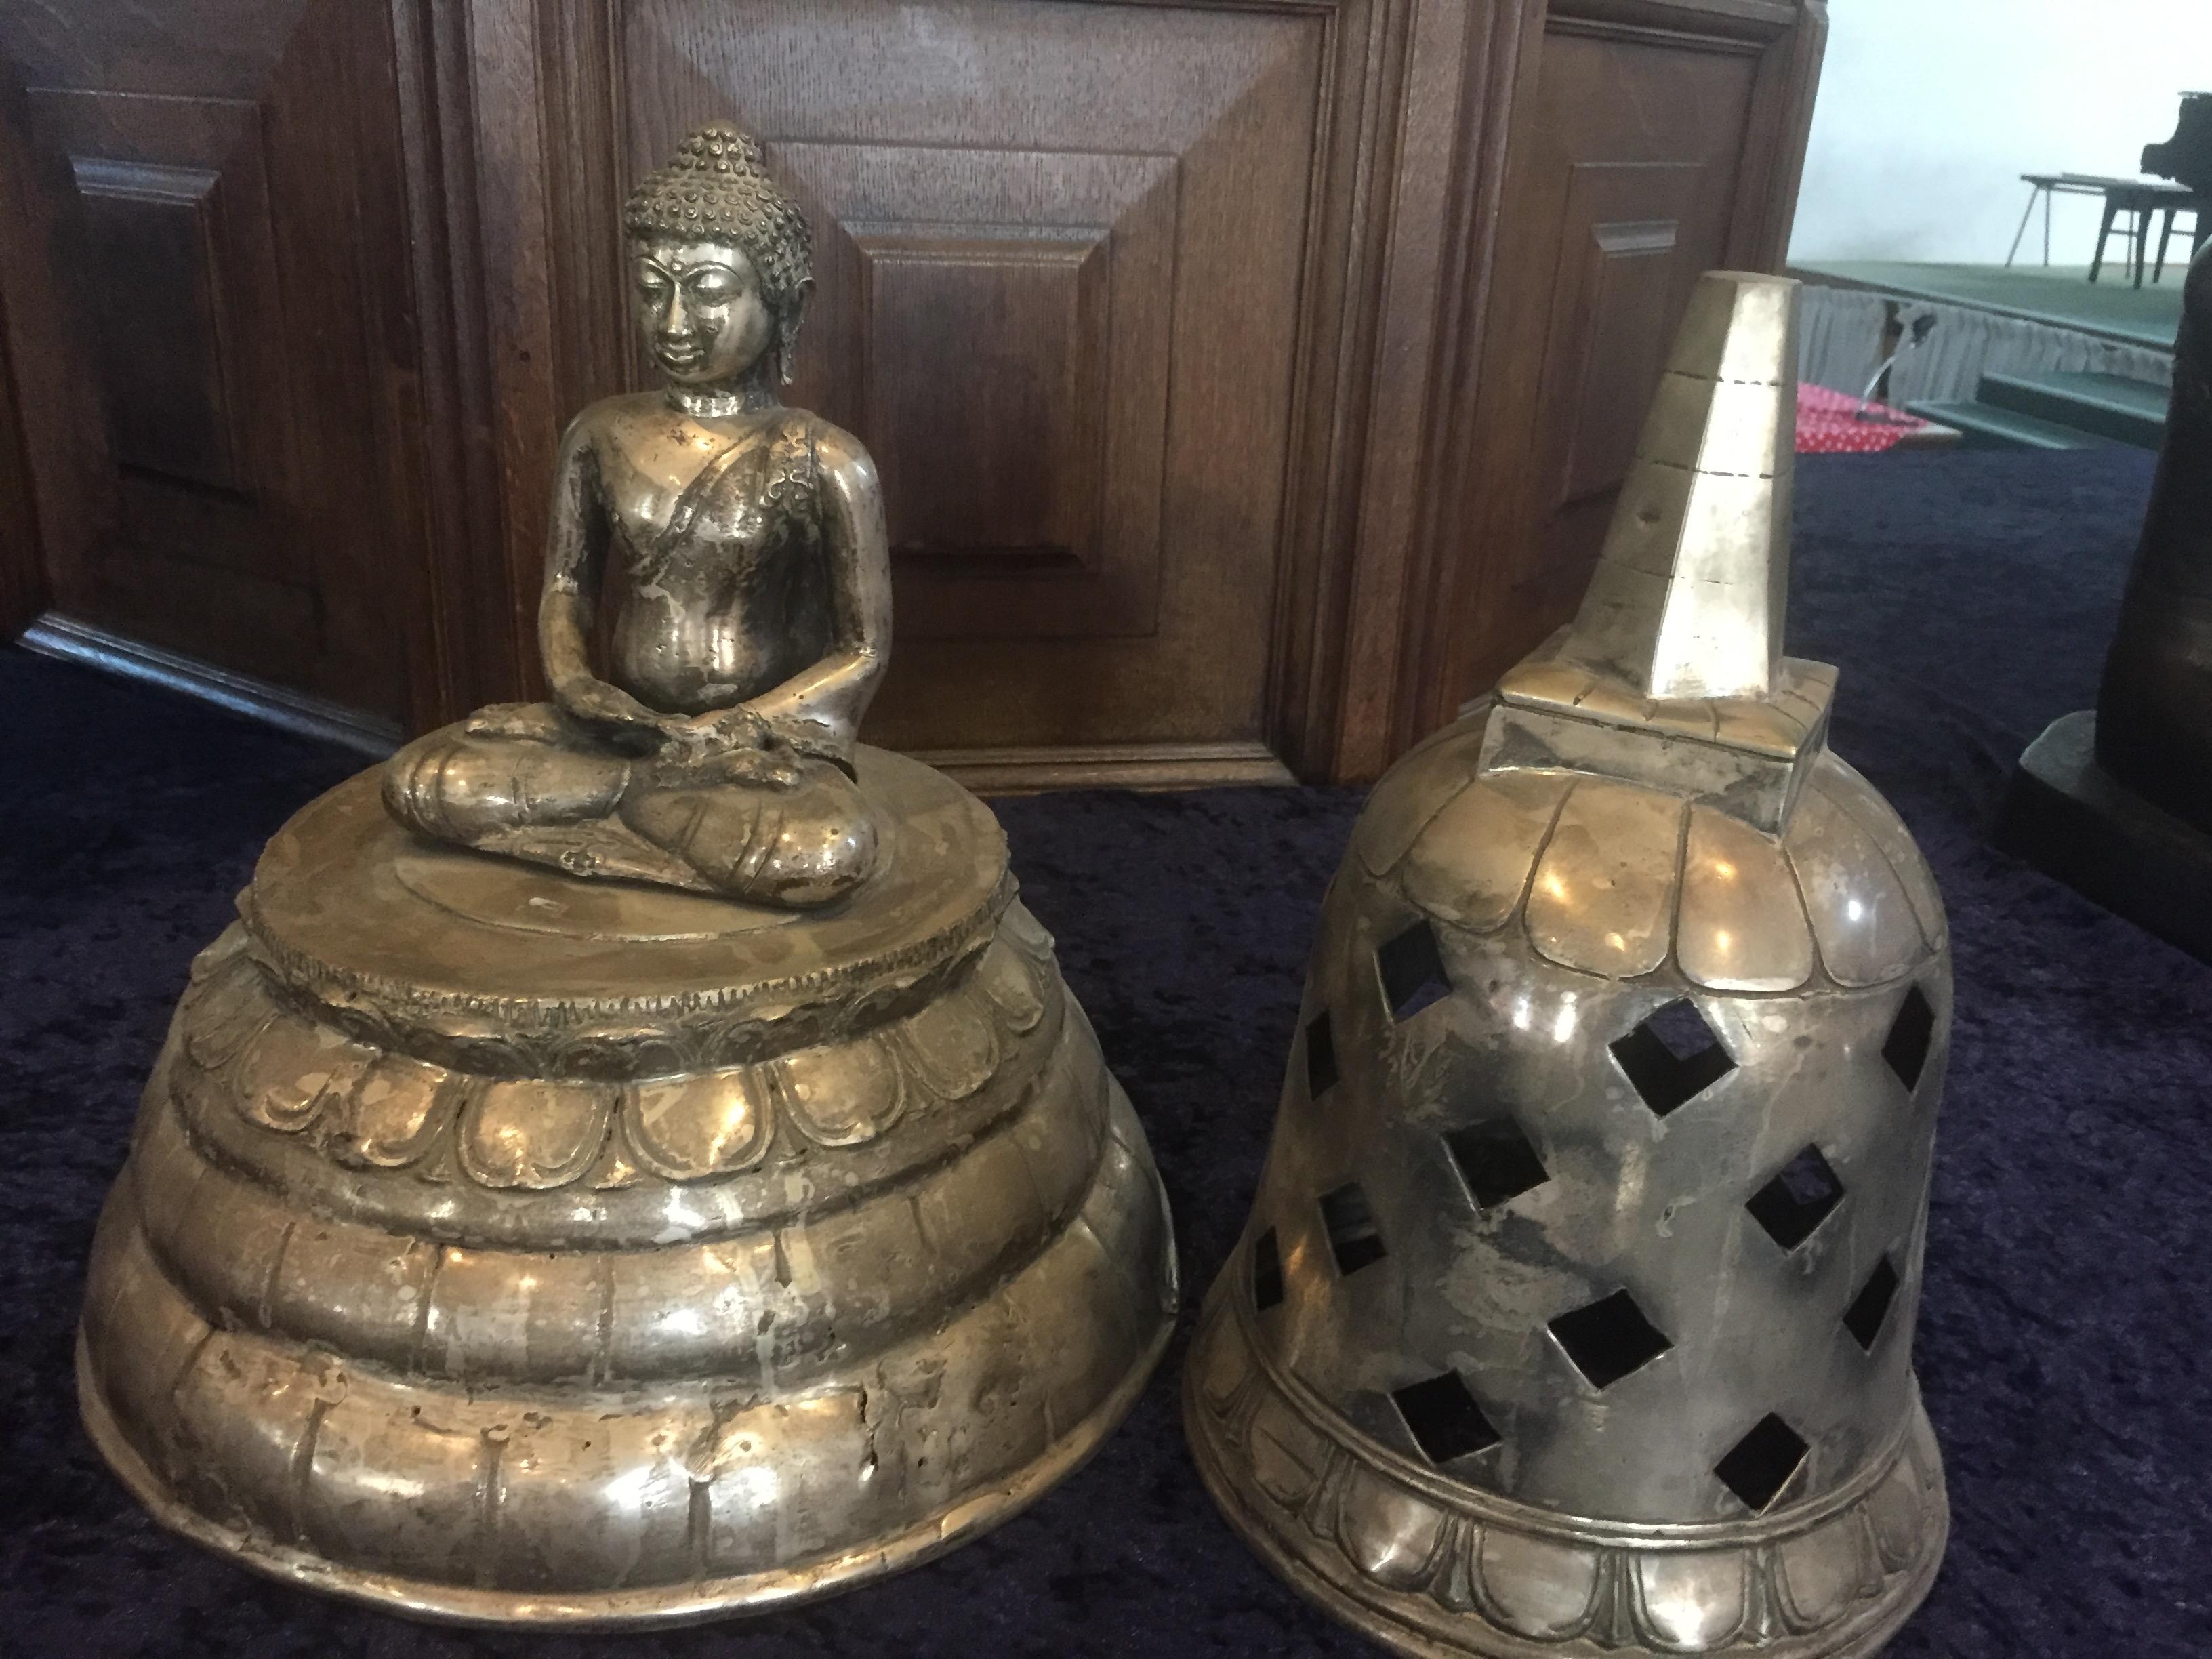 Voor Boeddha is ook plaats in de protestantse Grote Kerk in Beverwijk